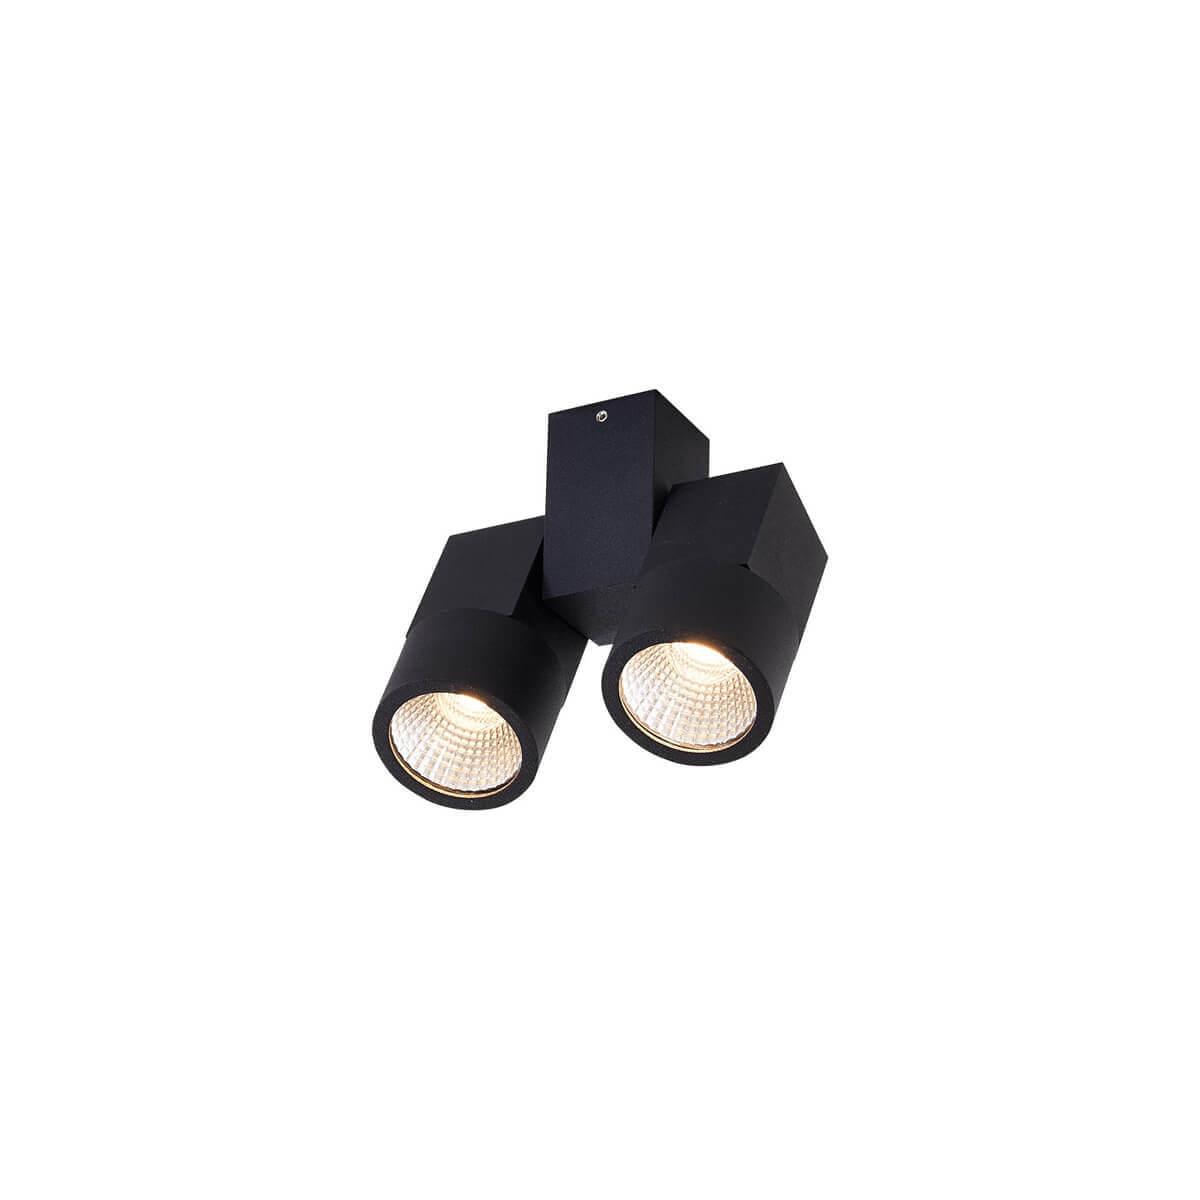 Светильник Citilux CL556102 Дубль потолочный светодиодный светильник citilux дубль cl556102